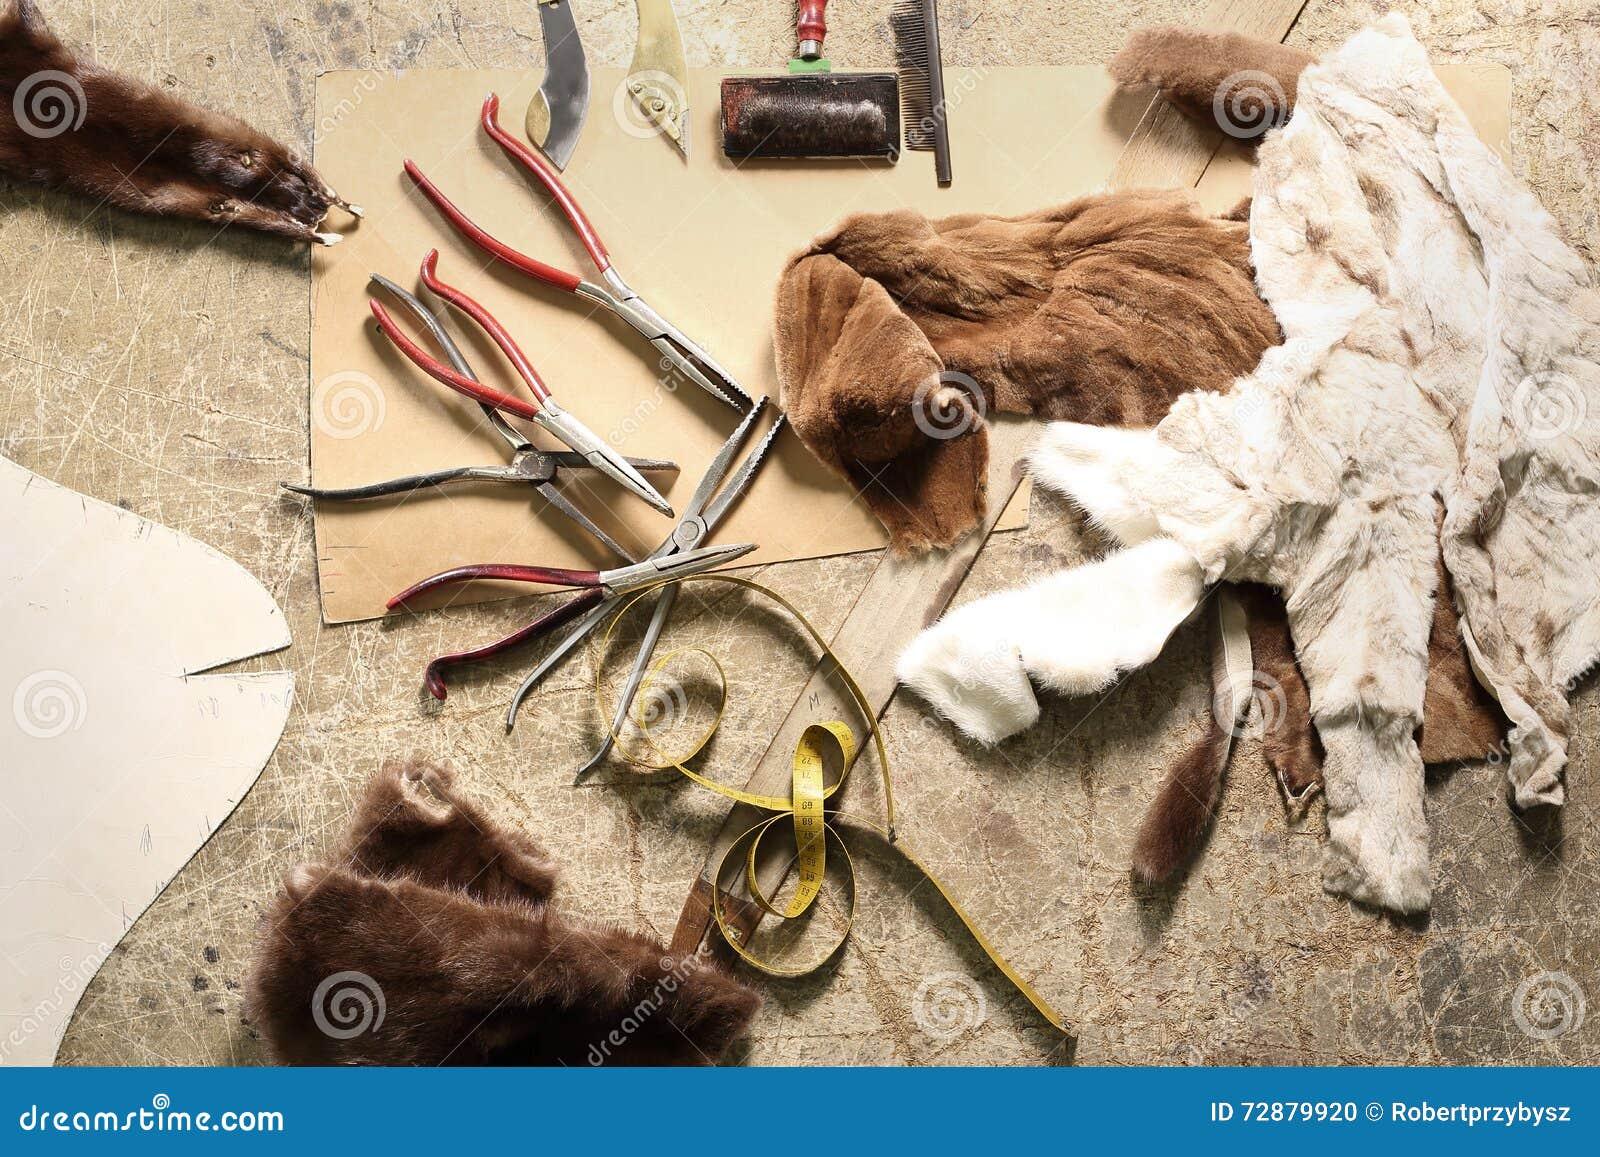 Natural fur tailor made workshop furrier